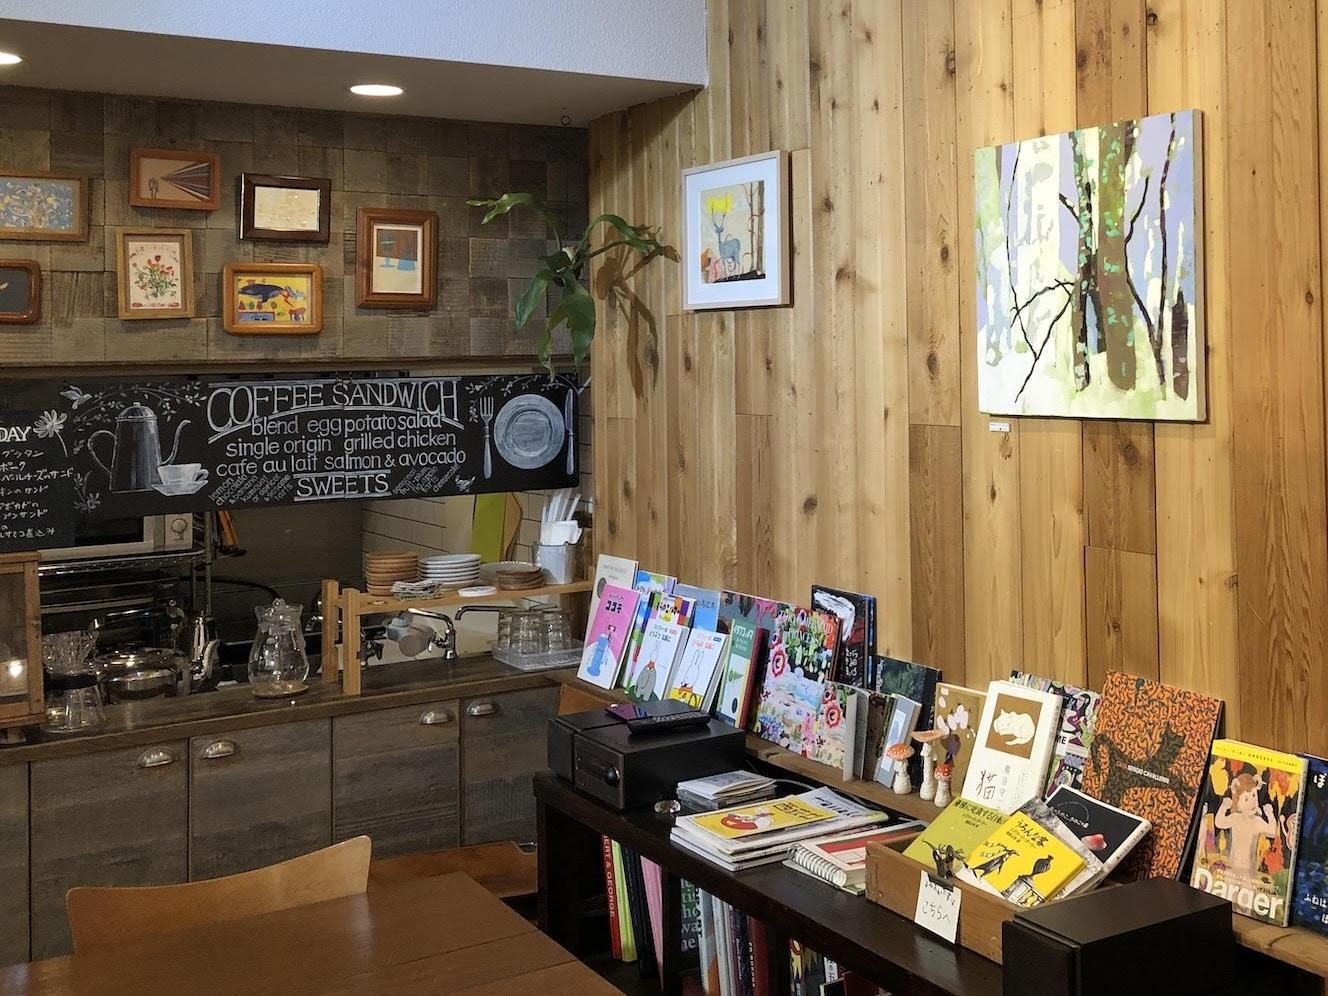 ヨロコビト ギャラリー カフェ アートカード